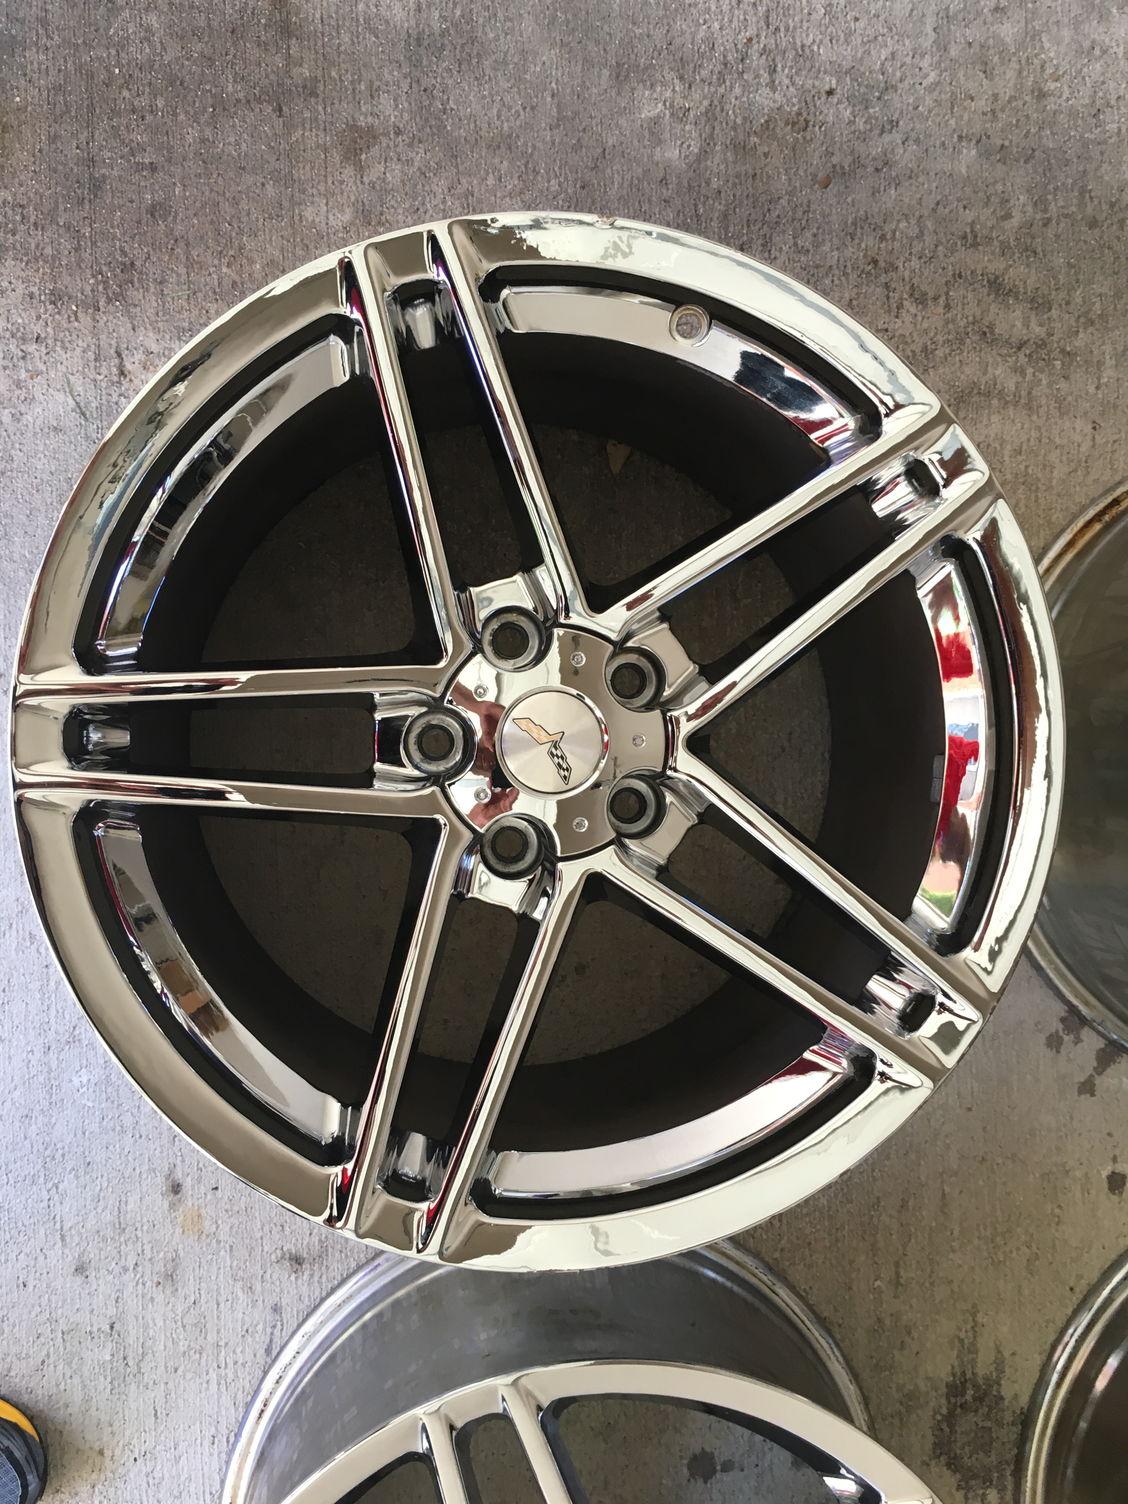 Fs 2007 Z06 Chrome Wheels Corvetteforum Chevrolet